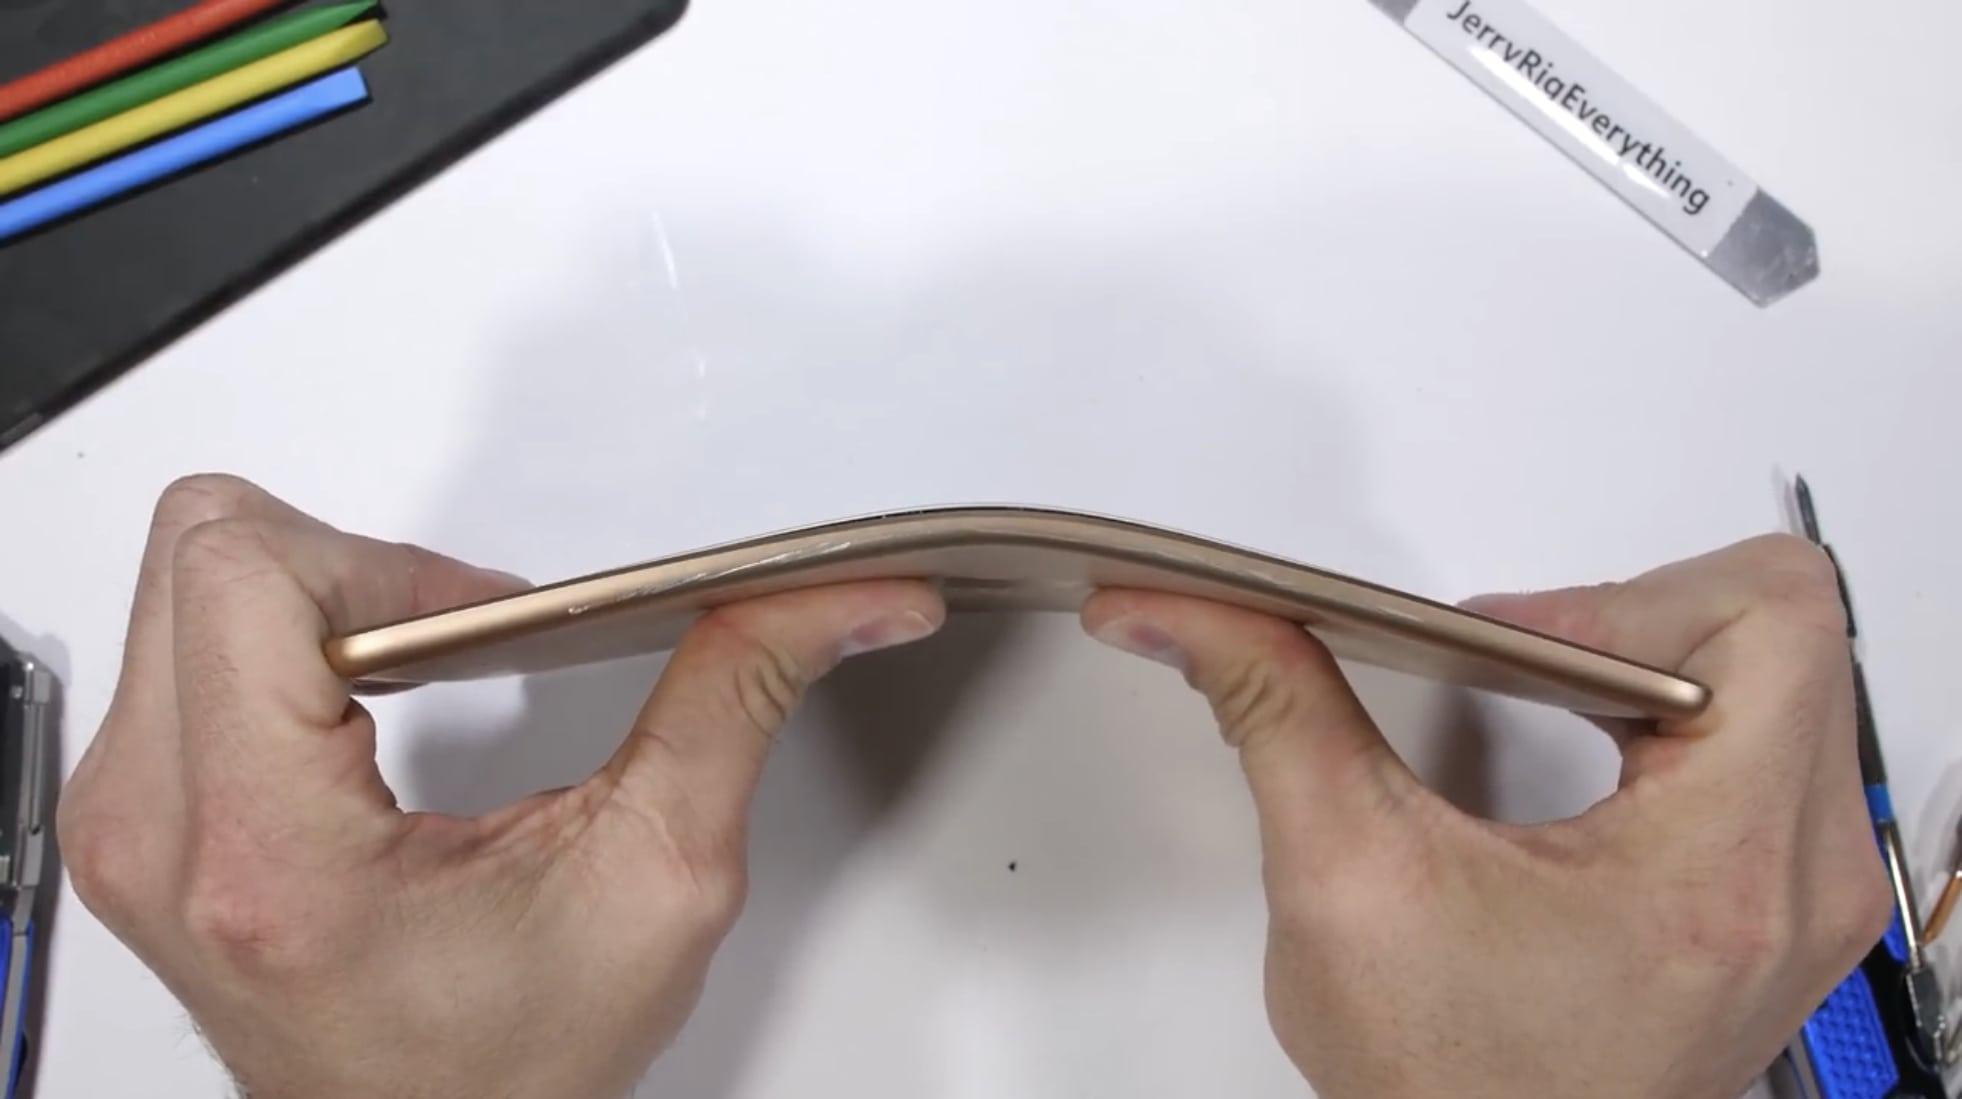 2019 iPad mini bend test